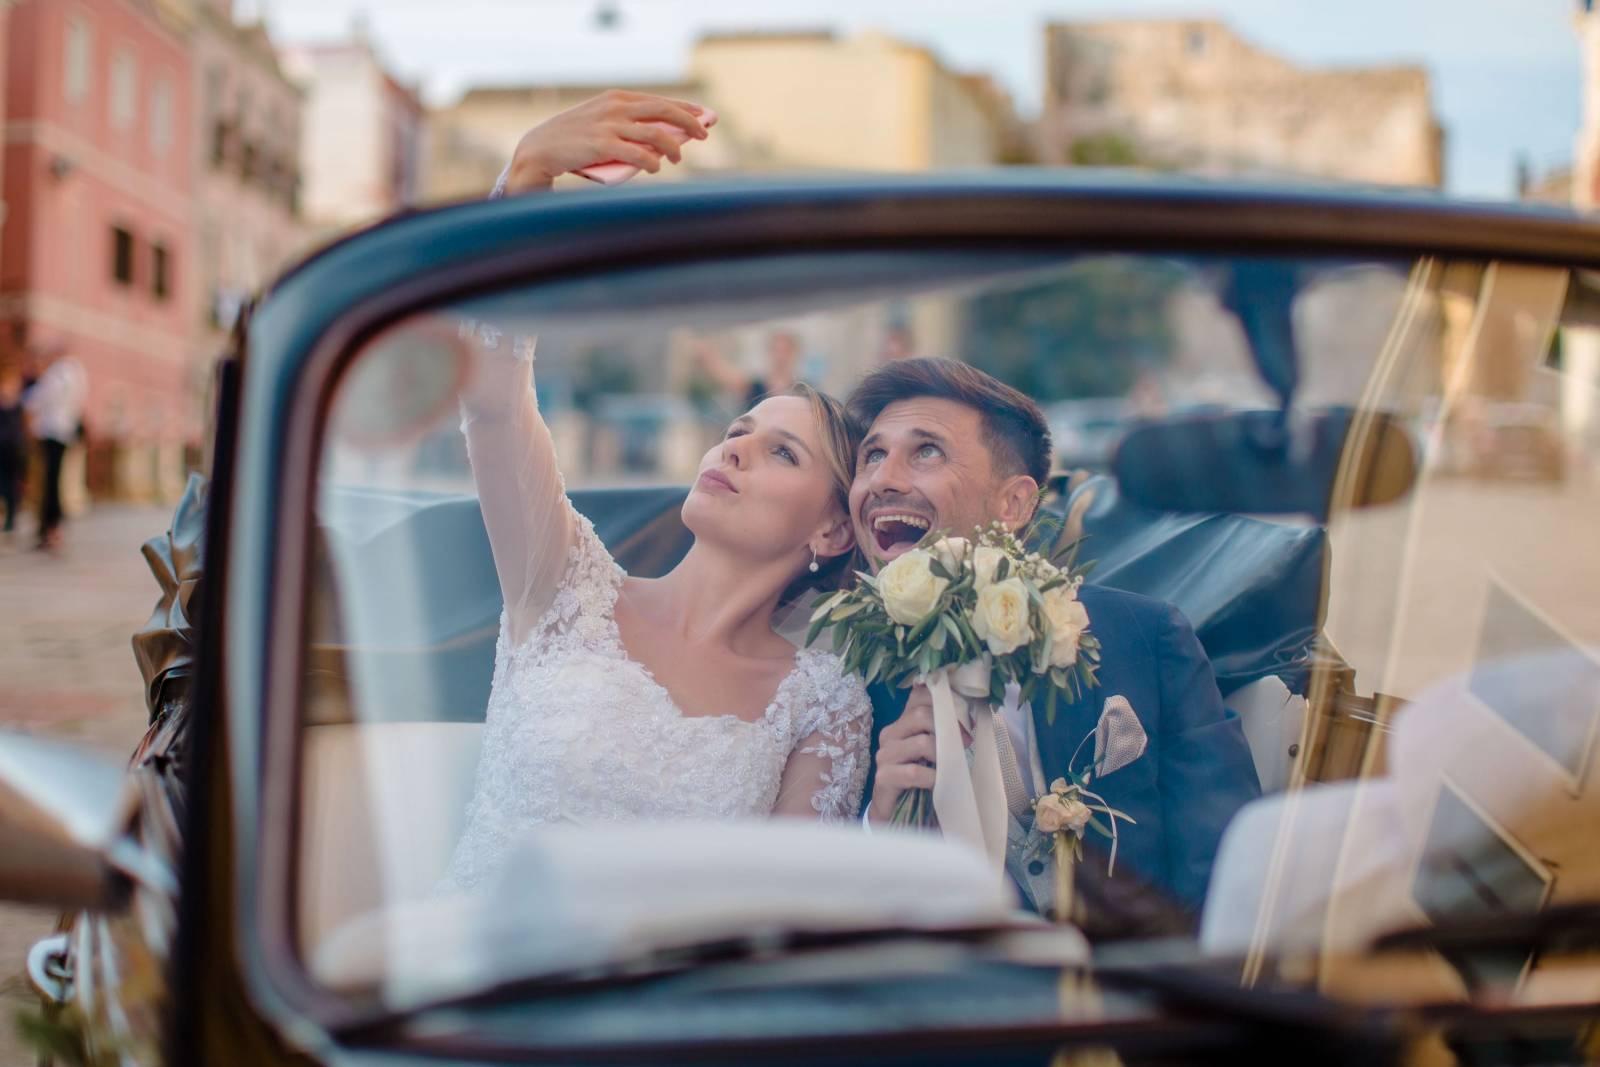 Leyla Hasna - Photography - House of Weddings - 4